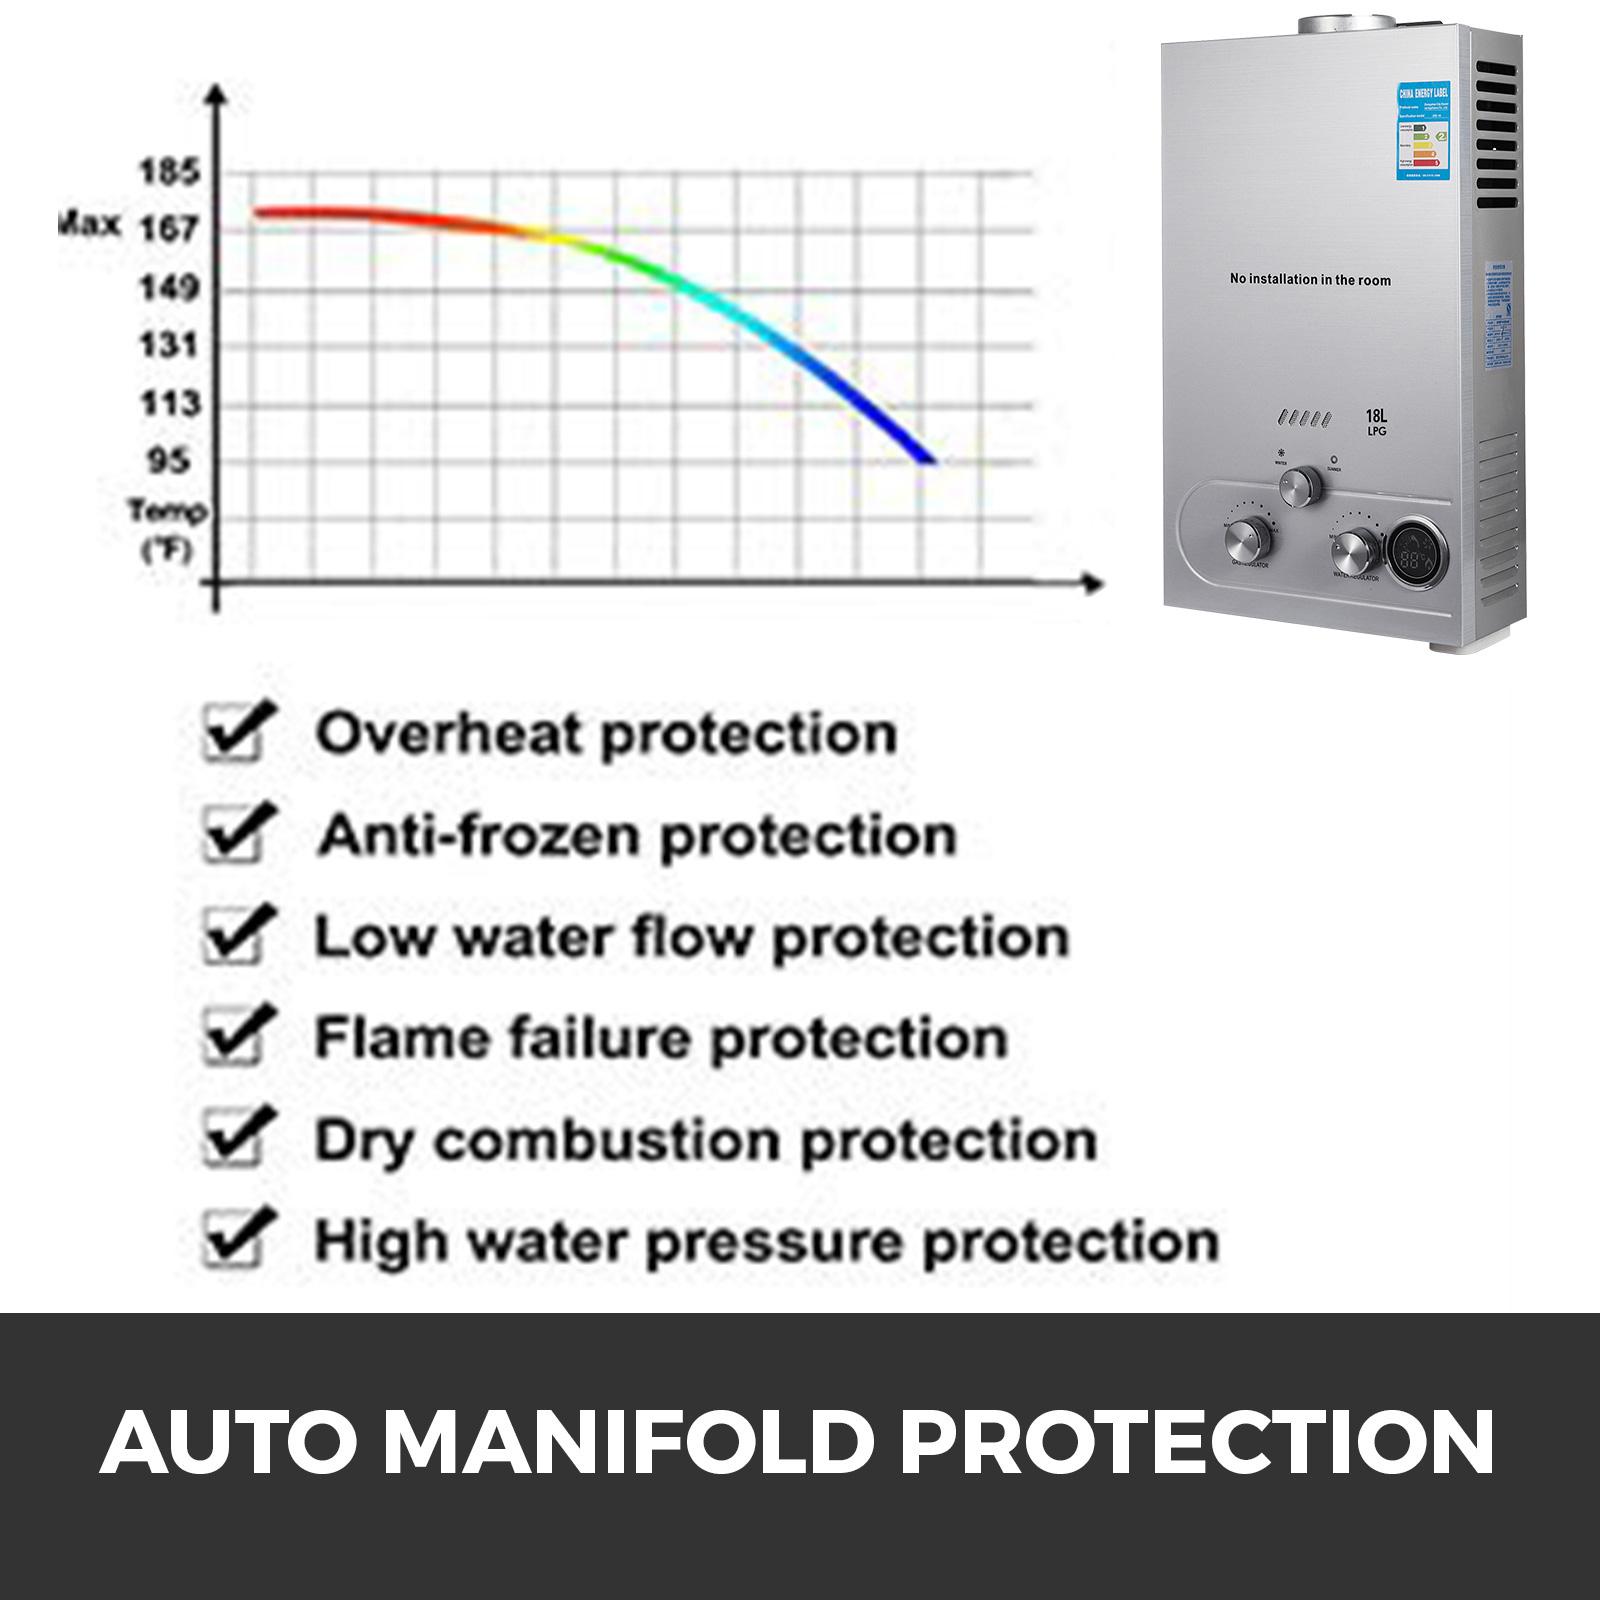 Propangas-Gas-Durchlauferhitzer-Warmwasserbereiter-Boiler-Warmwasserspeicher Indexbild 88